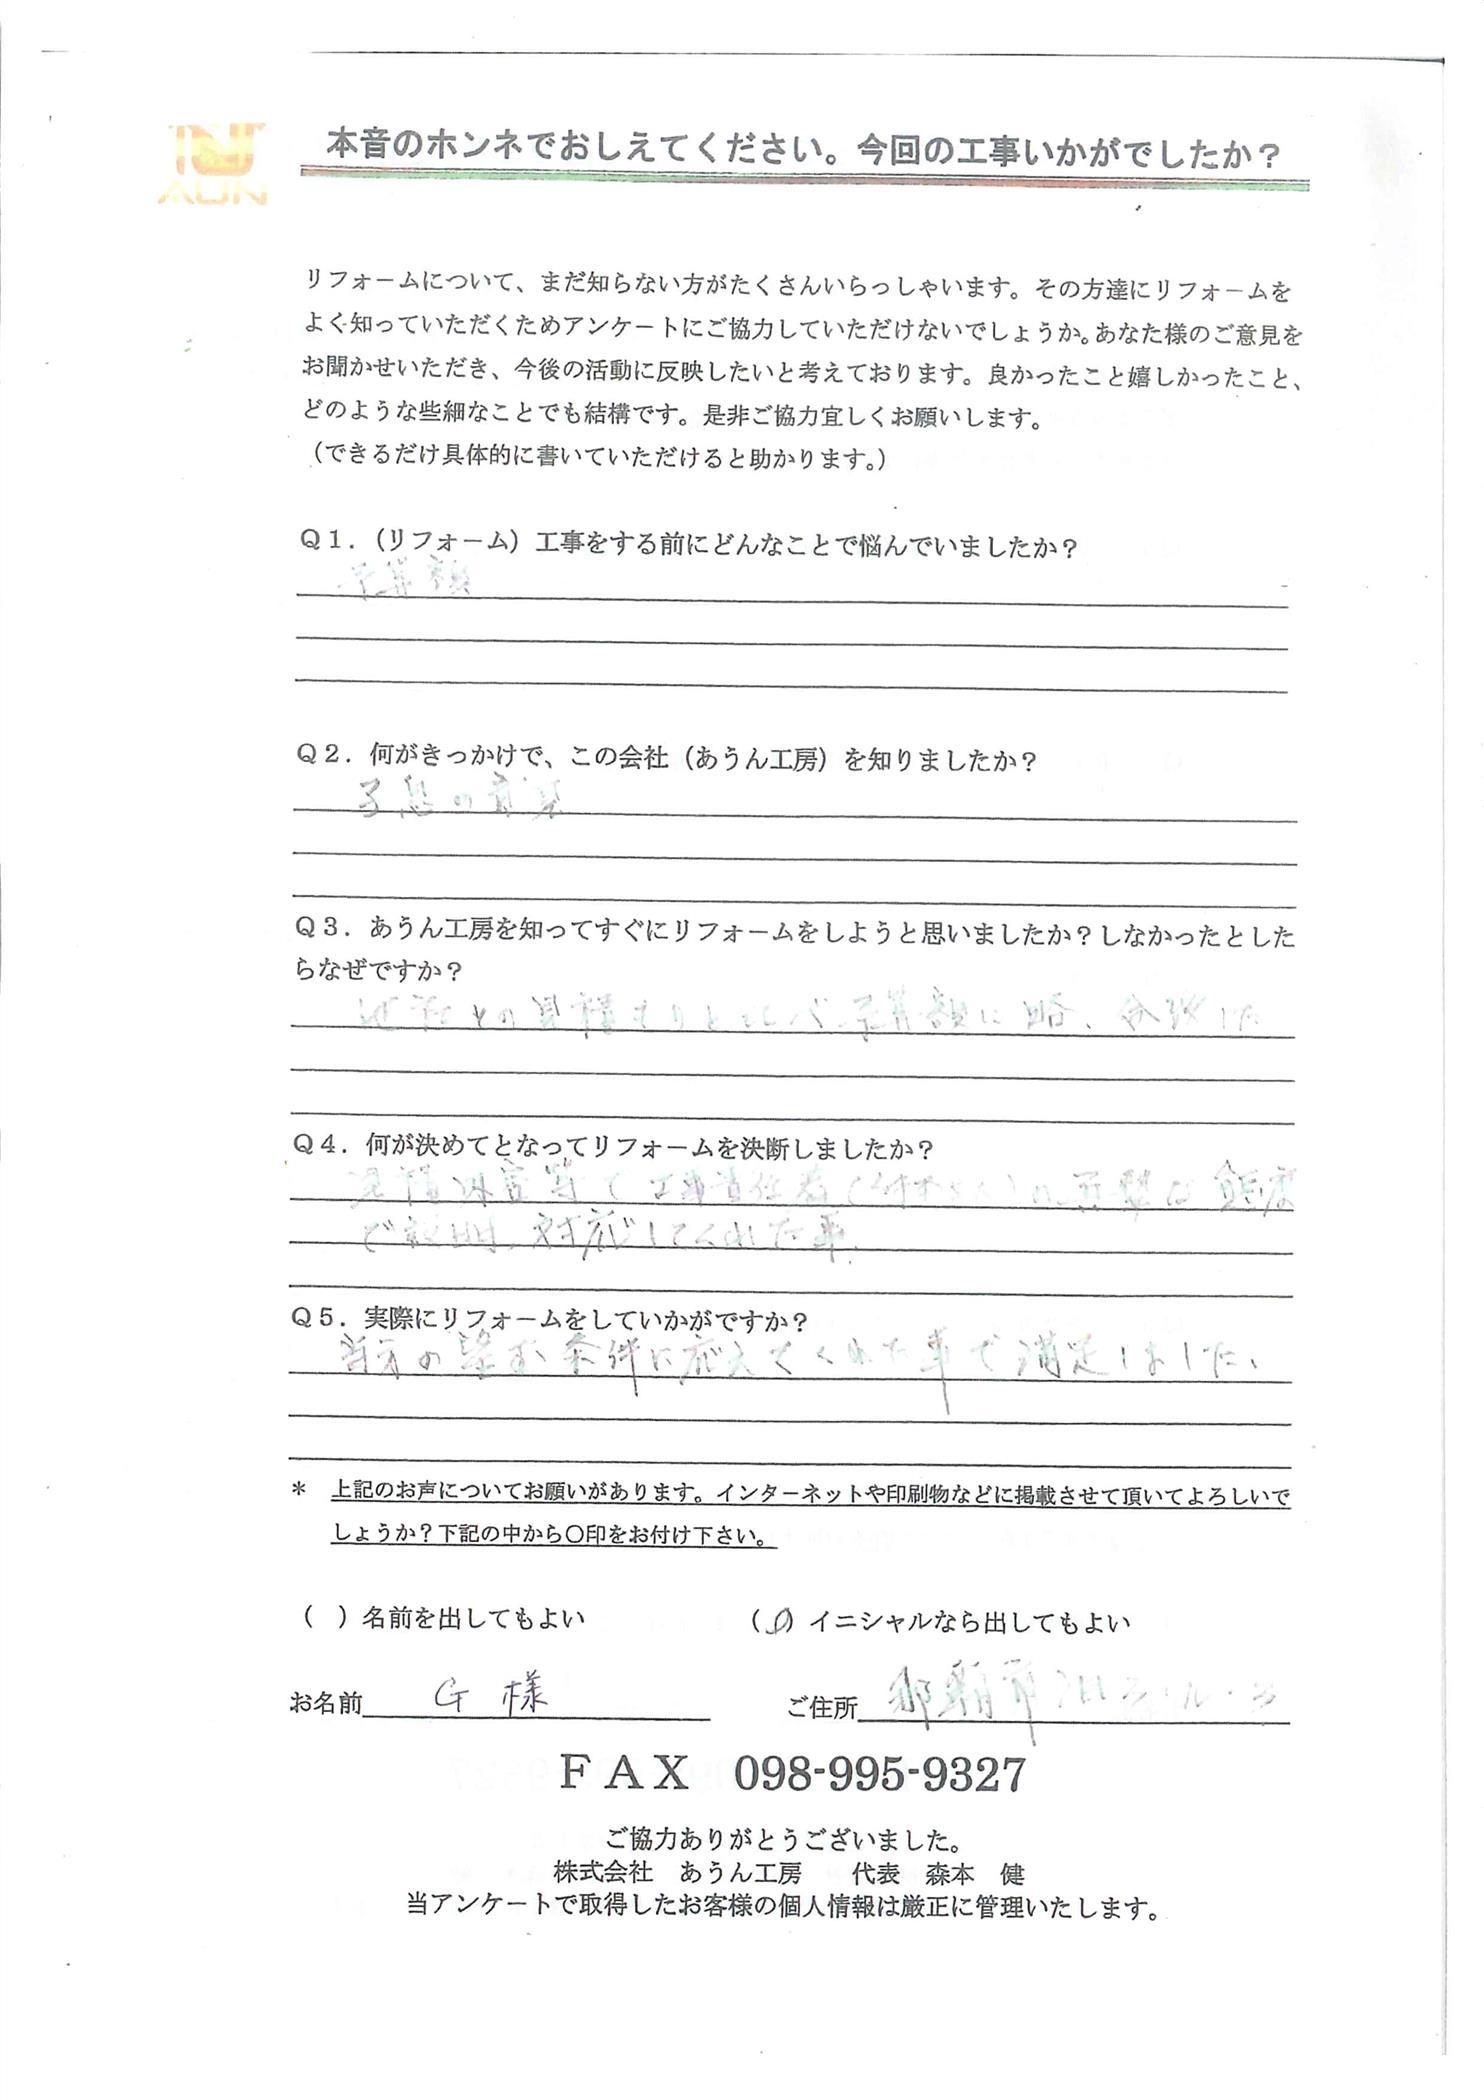 沖縄・那覇のリフォーム 実際のアンケートの画像:泊アパート改装工事